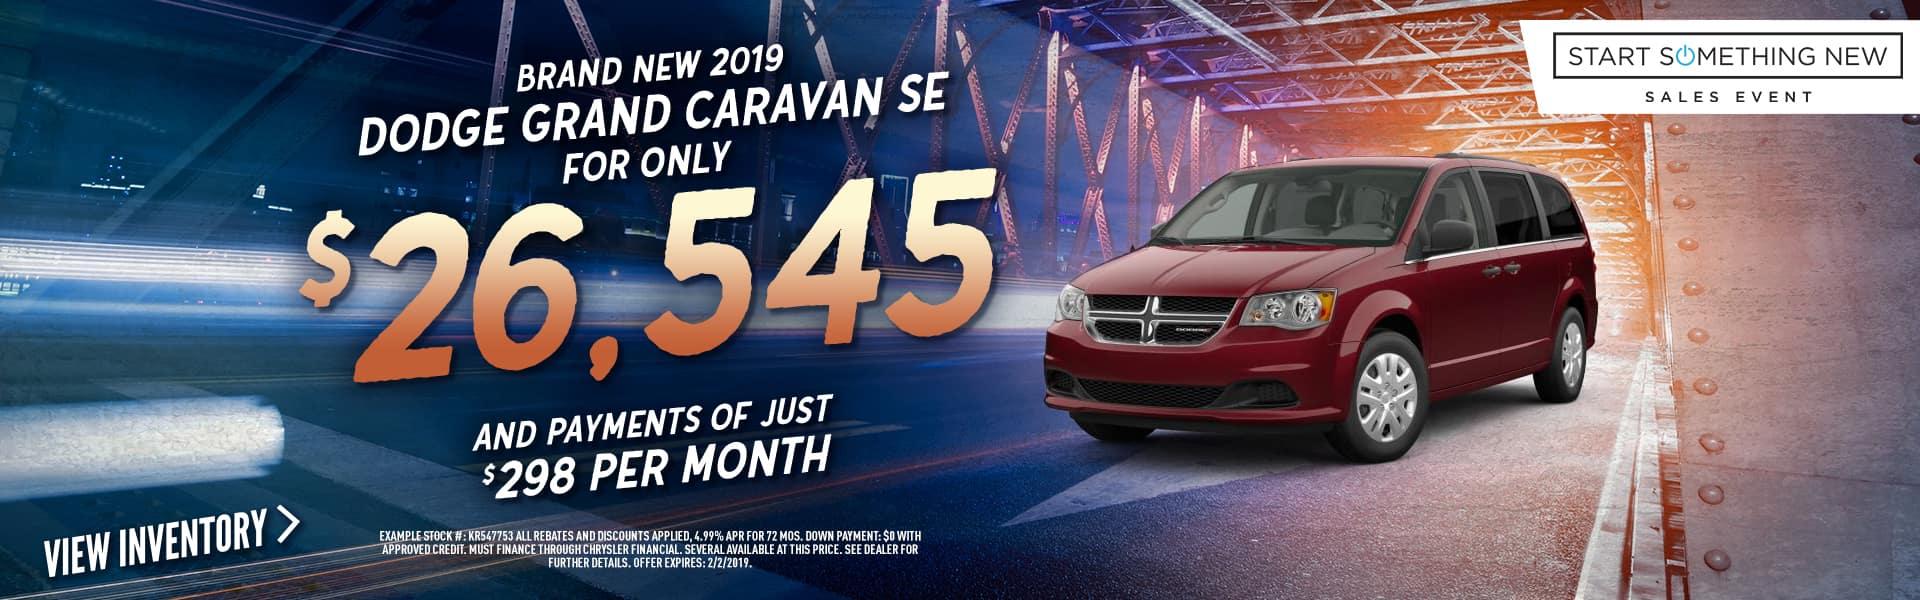 tulsa-ok-2019-dodge-caravan